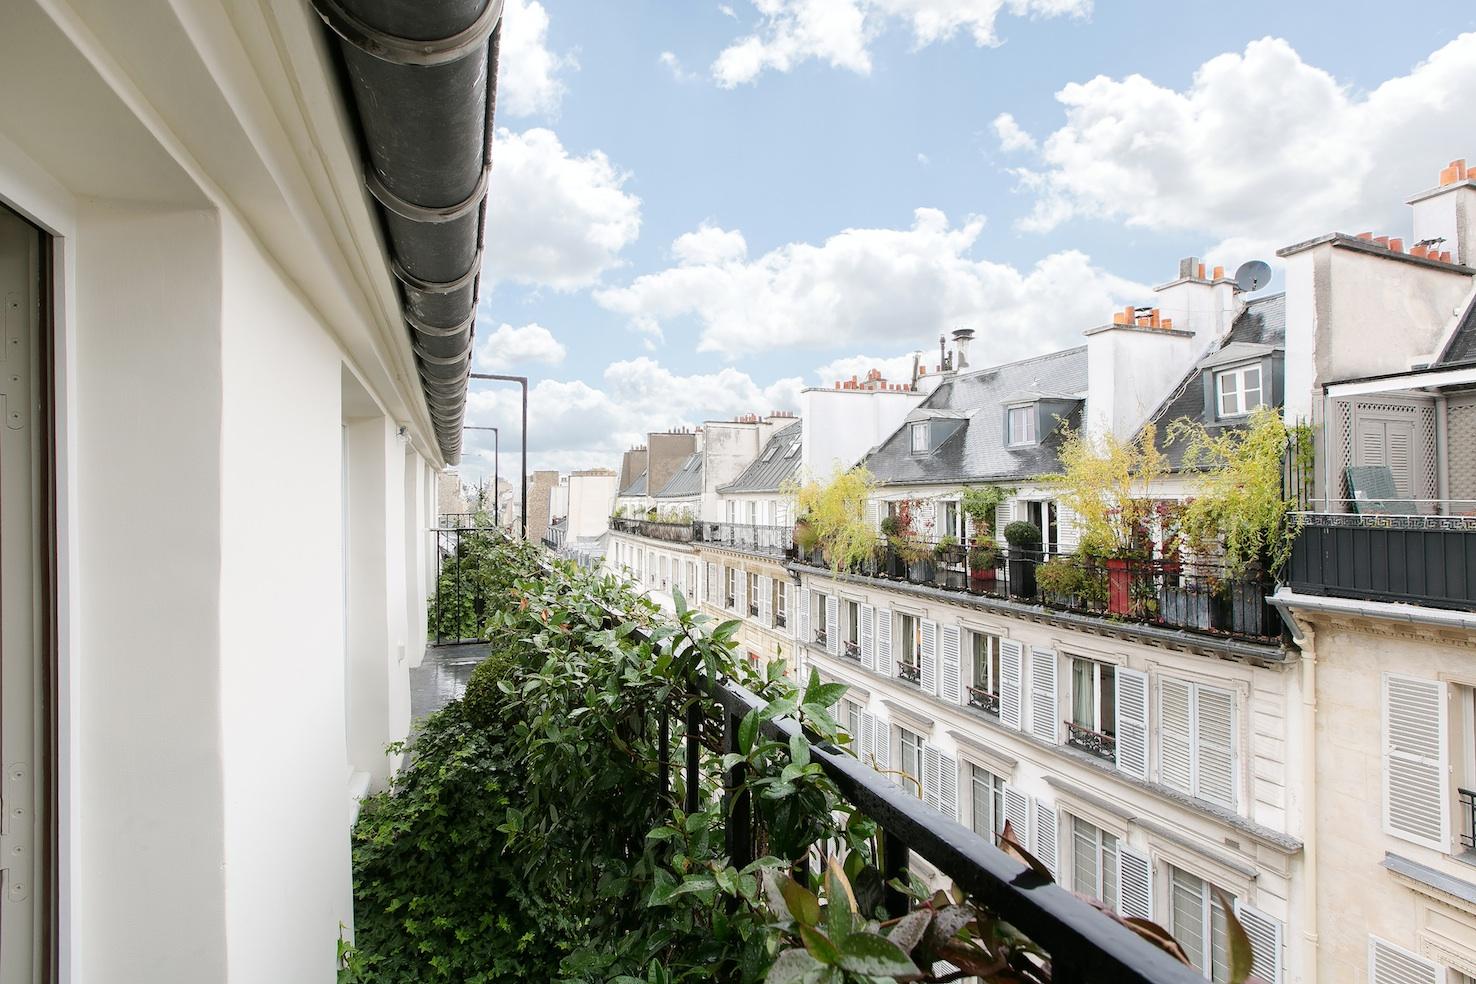 Duplex için Satış at Rue de Varenne - id. 1567 Paris, Paris 75007 Fransa